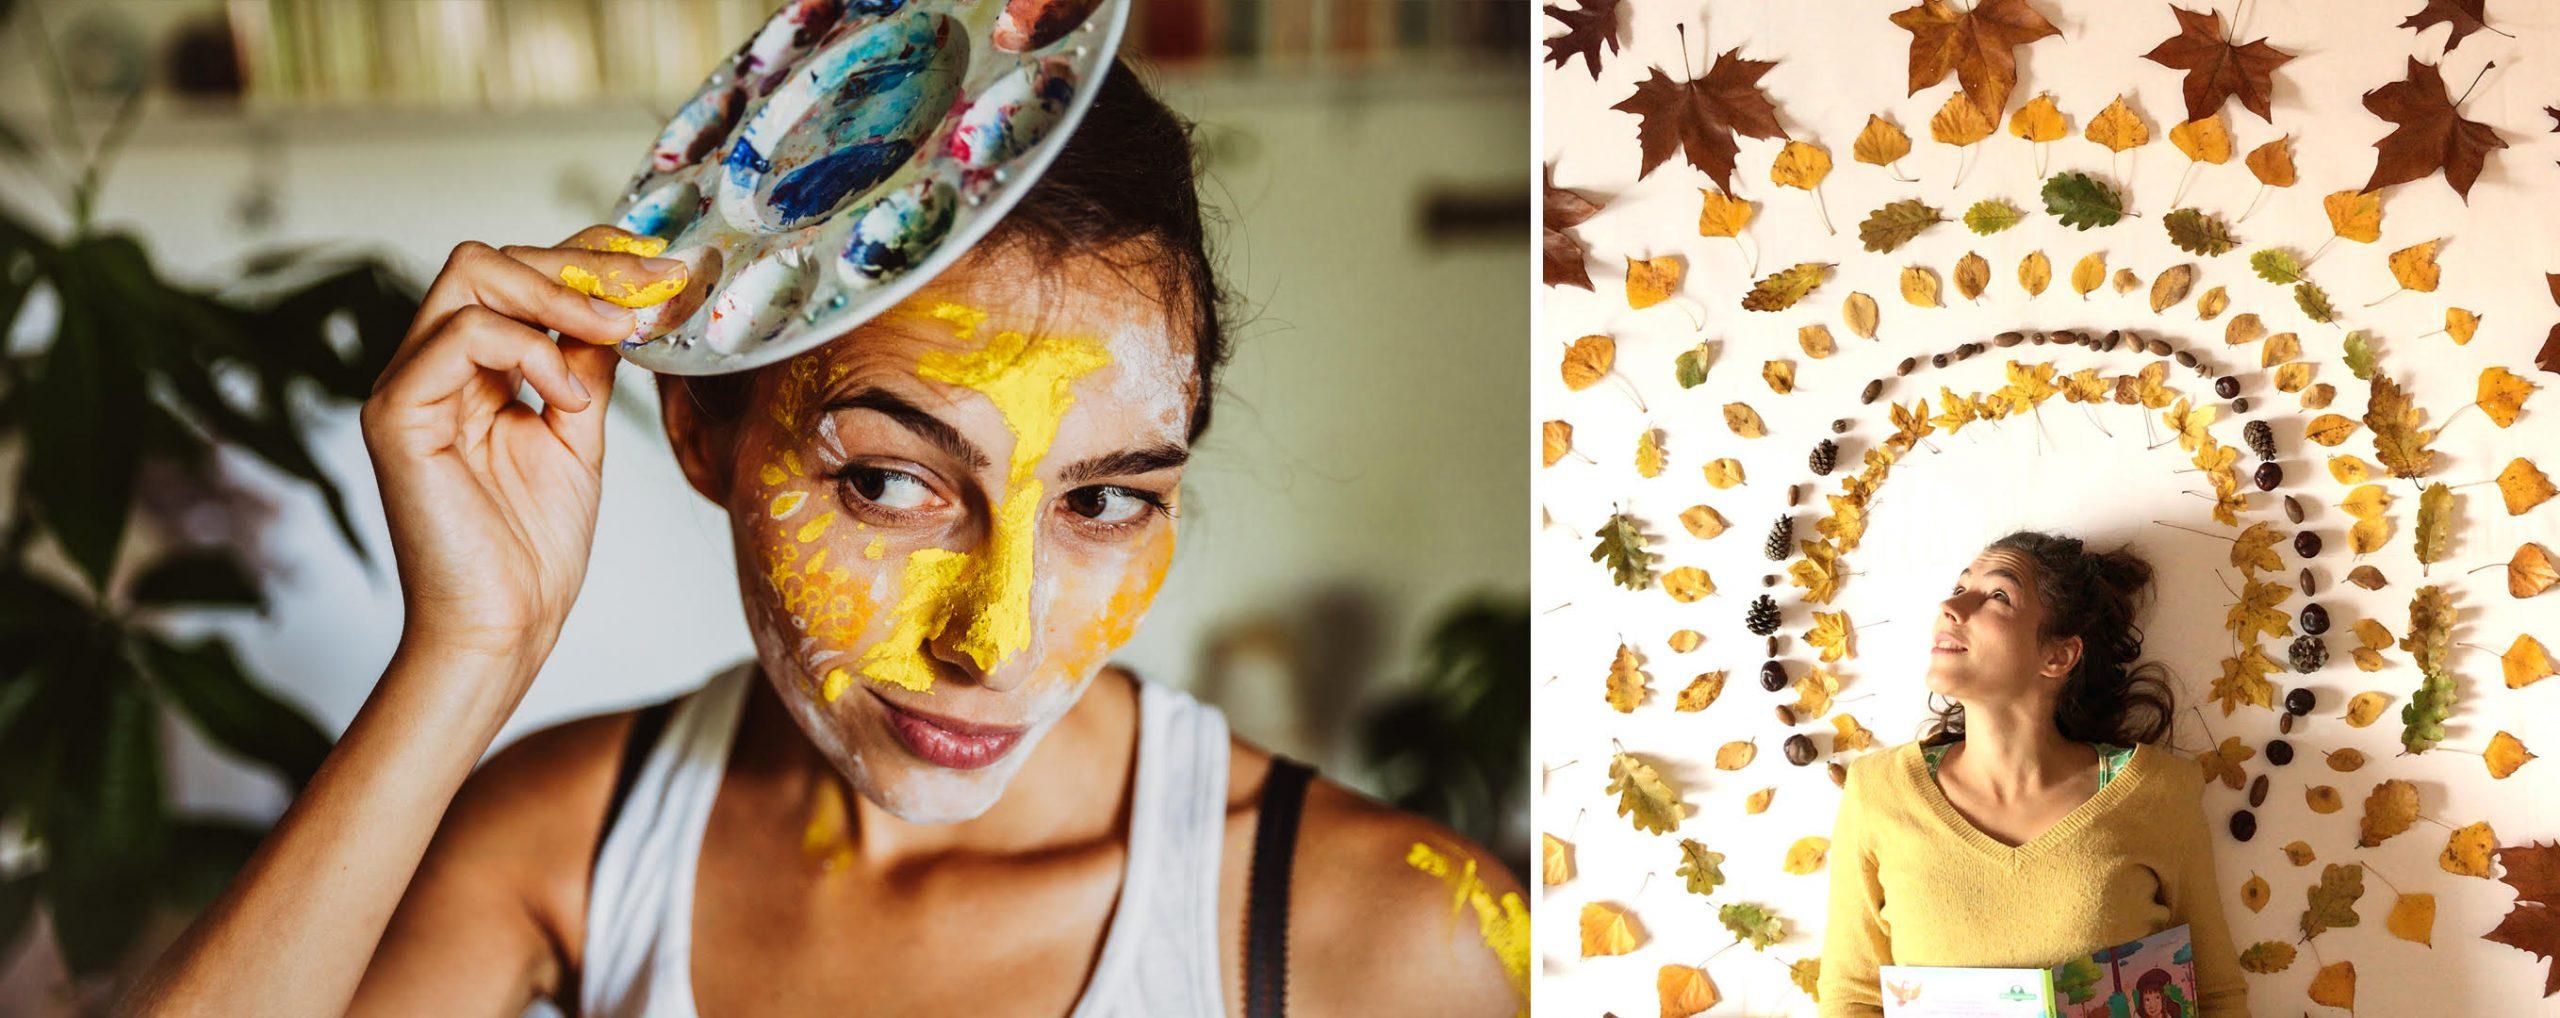 L'univers de Justine : écolo, graphiste et illustratrice passionnée